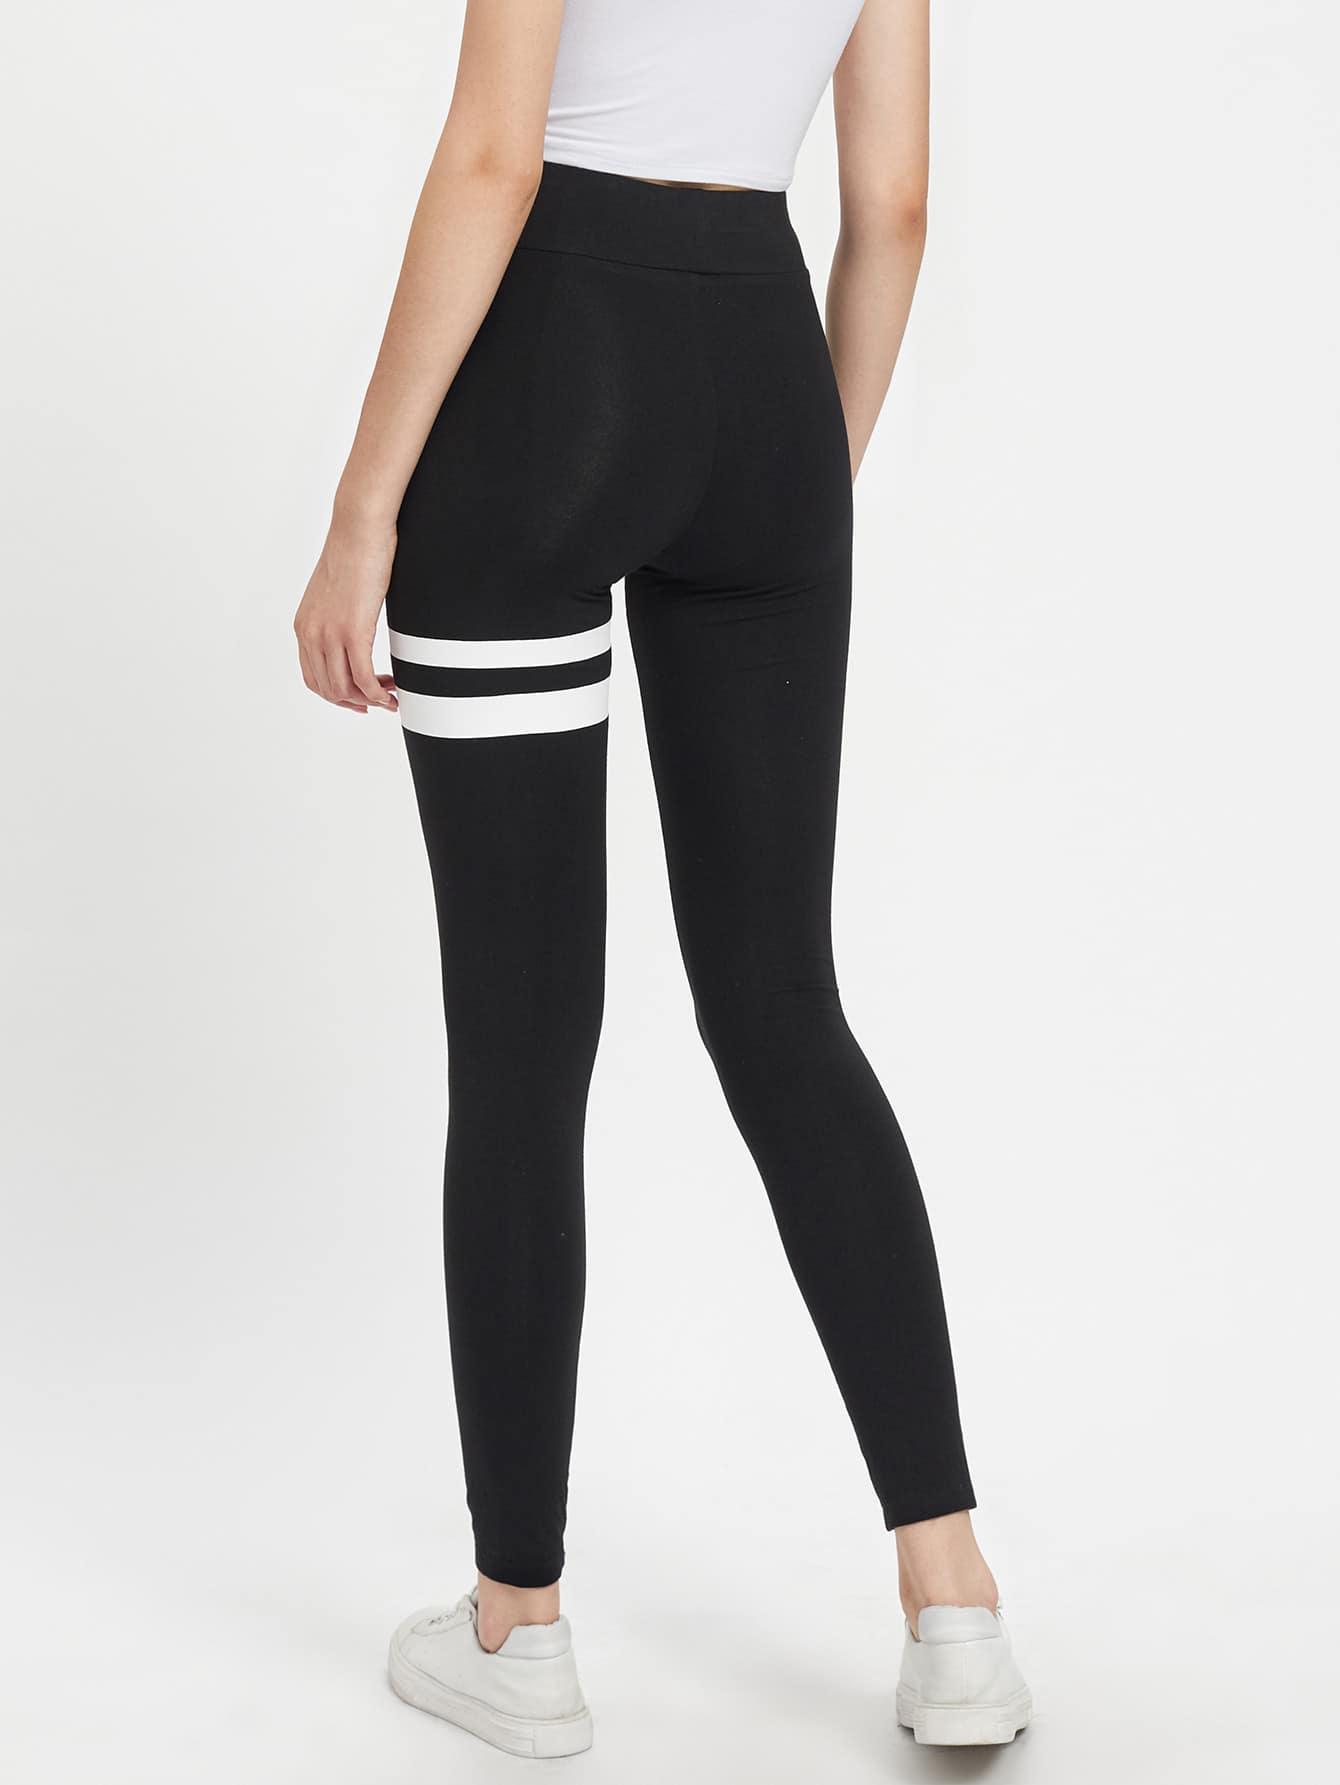 Asymmetric Striped Leggings